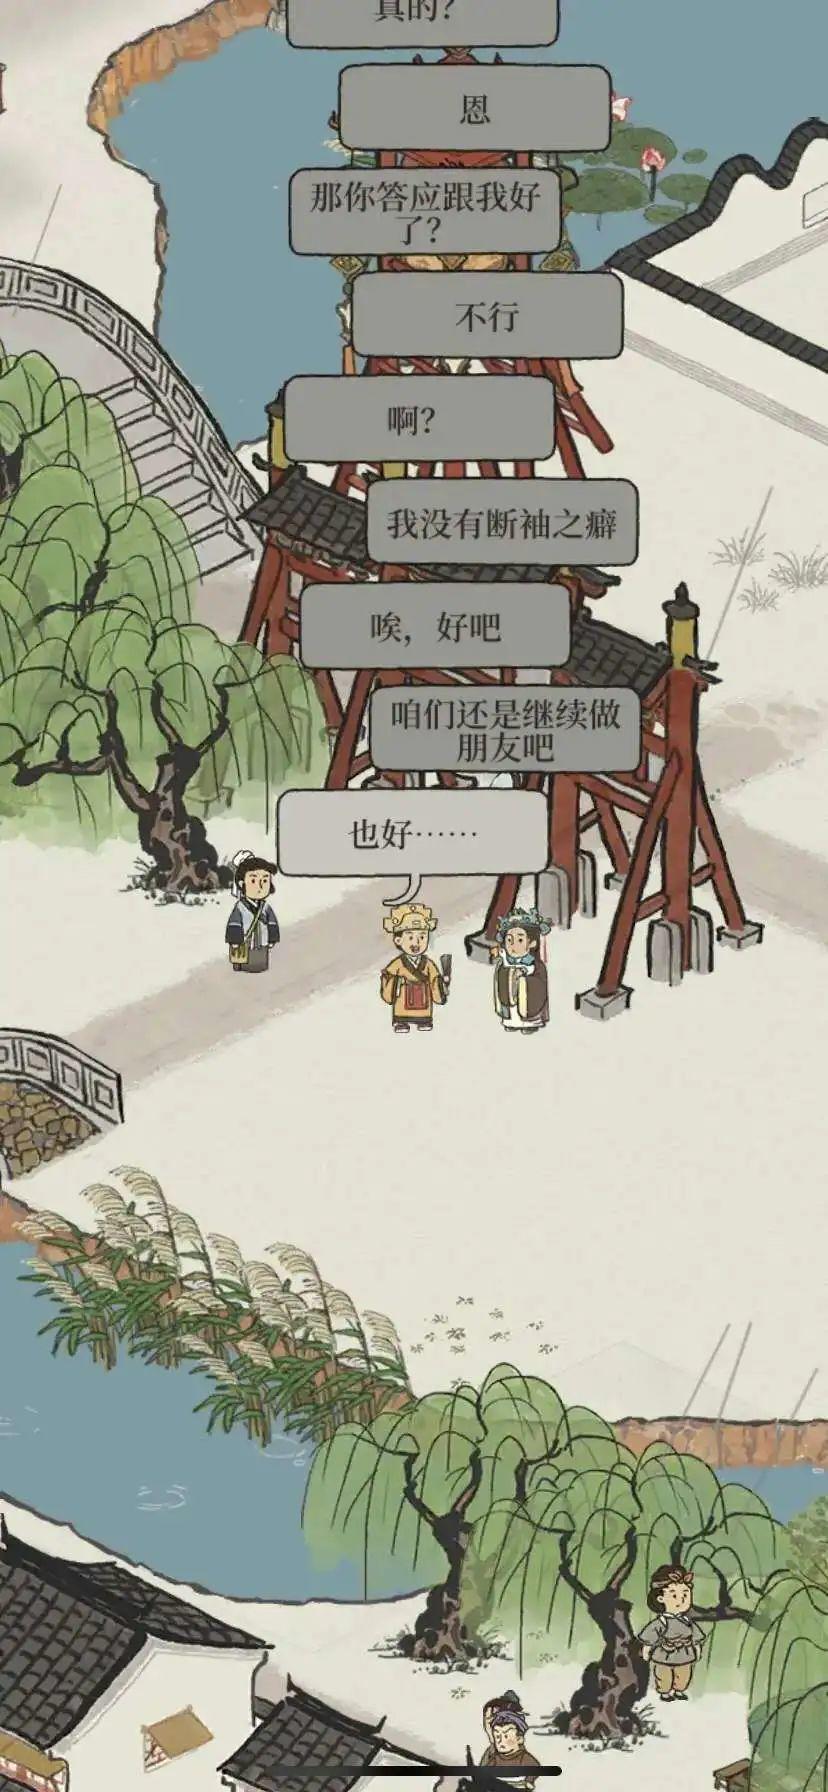 金融民工在江南百景图里体会到了赚钱的快乐插图7